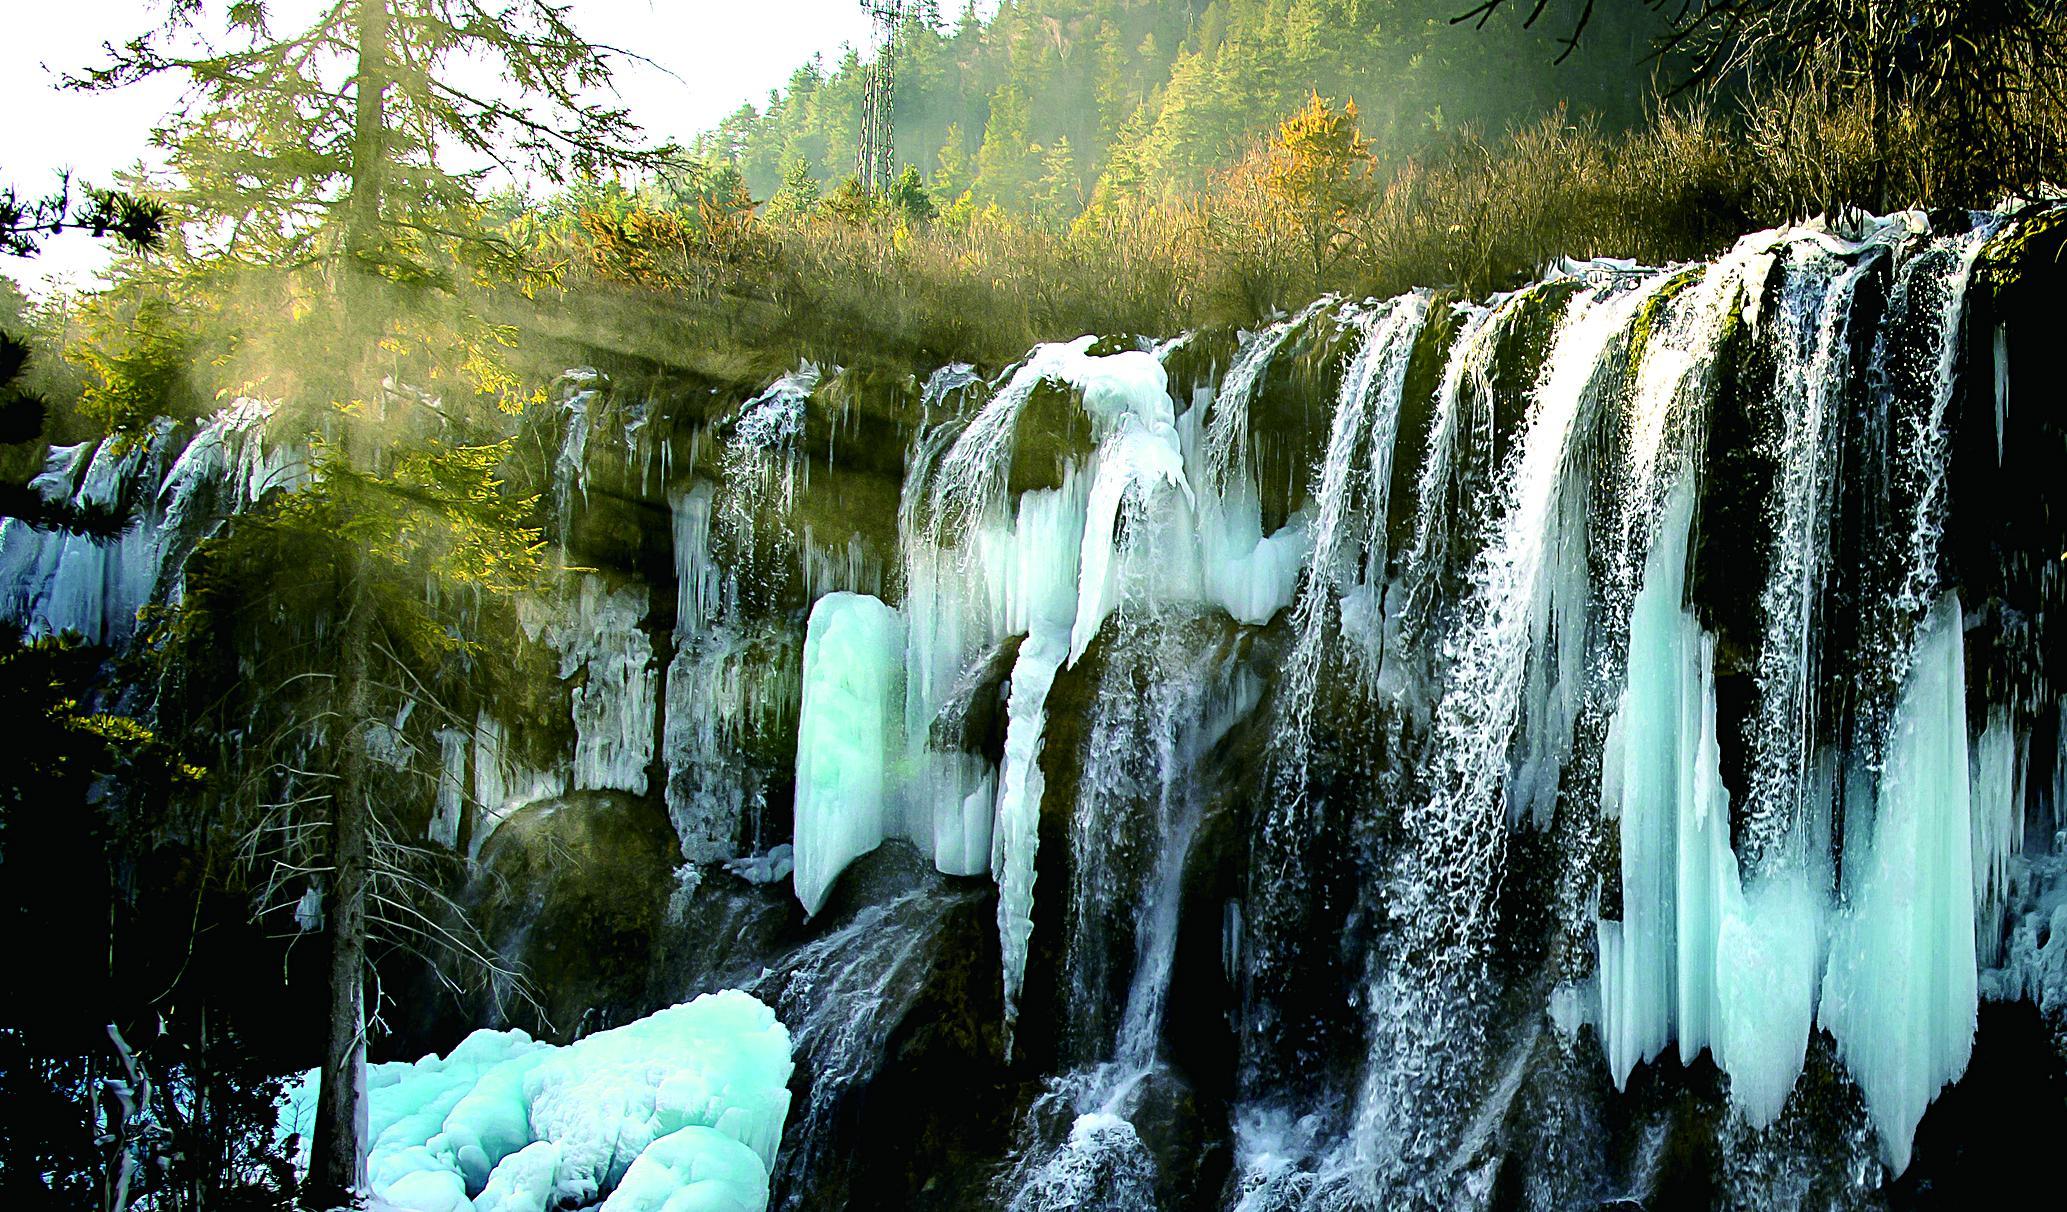 冬季的九寨沟多了几分宁静